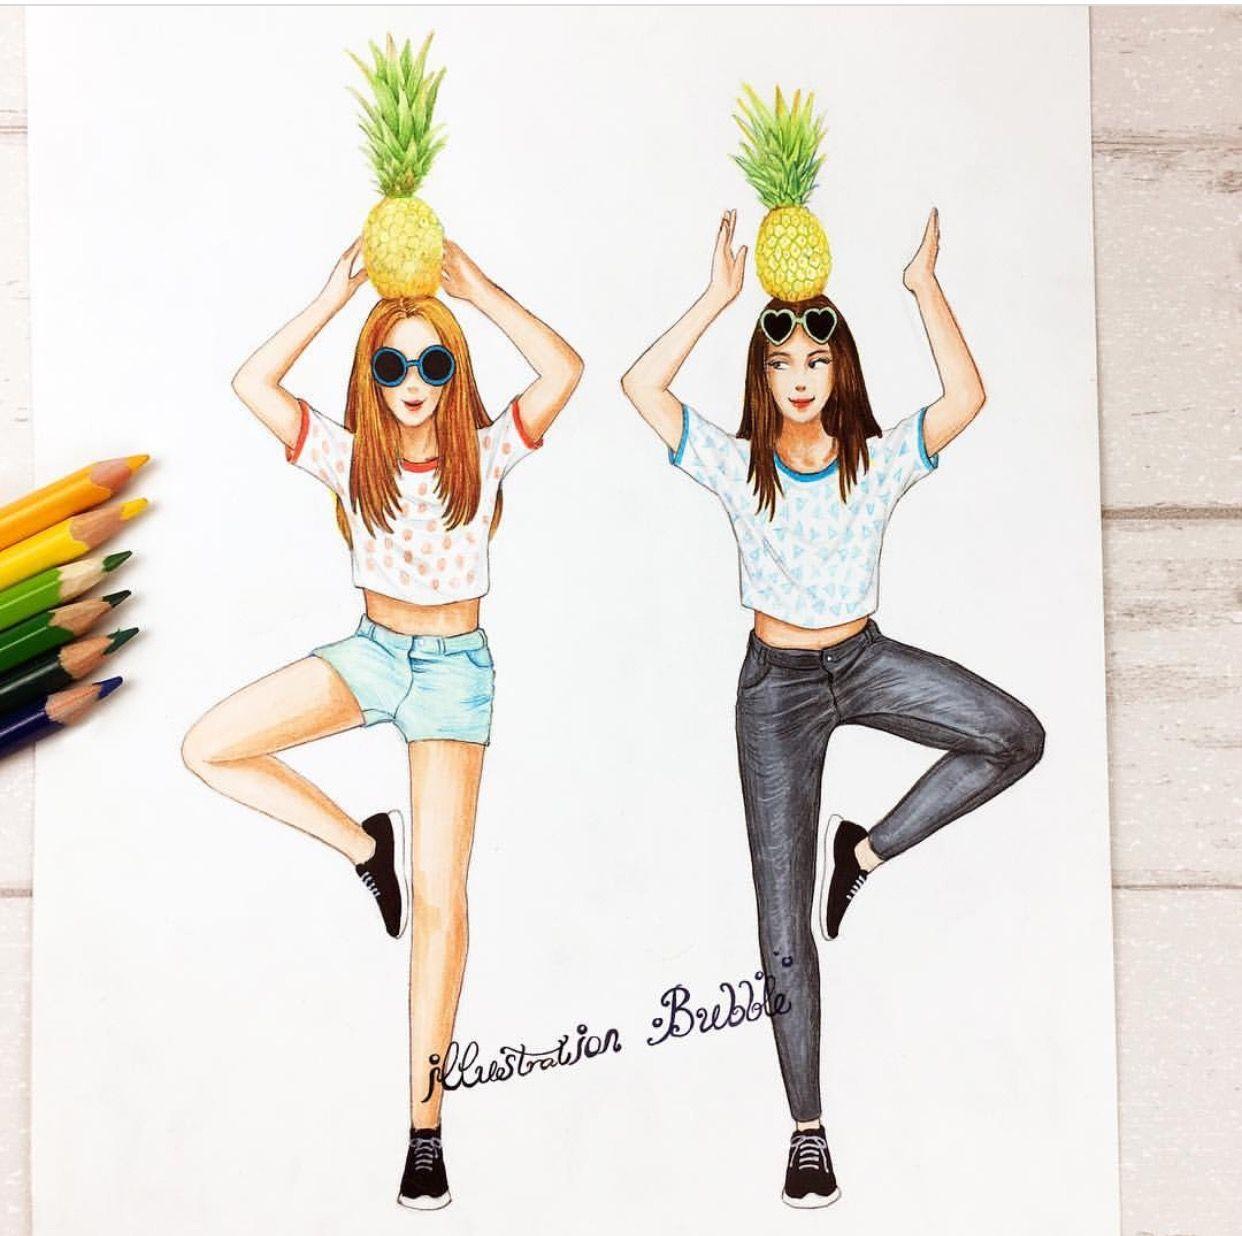 Pineapple Madchen Zeichnen Madchenzeichnungen Niedliche